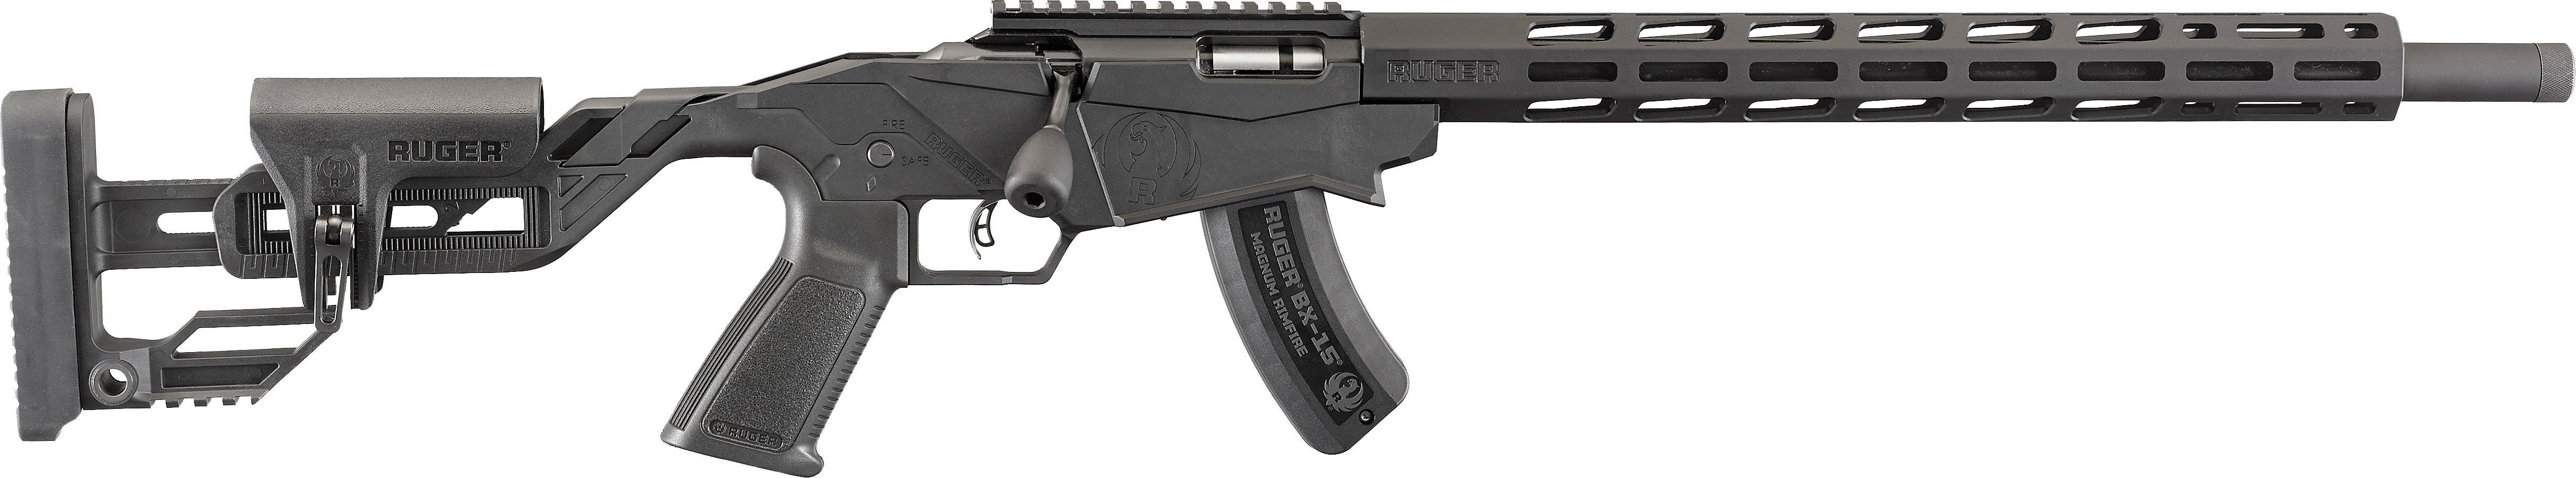 Precision Rimfire .22 LR